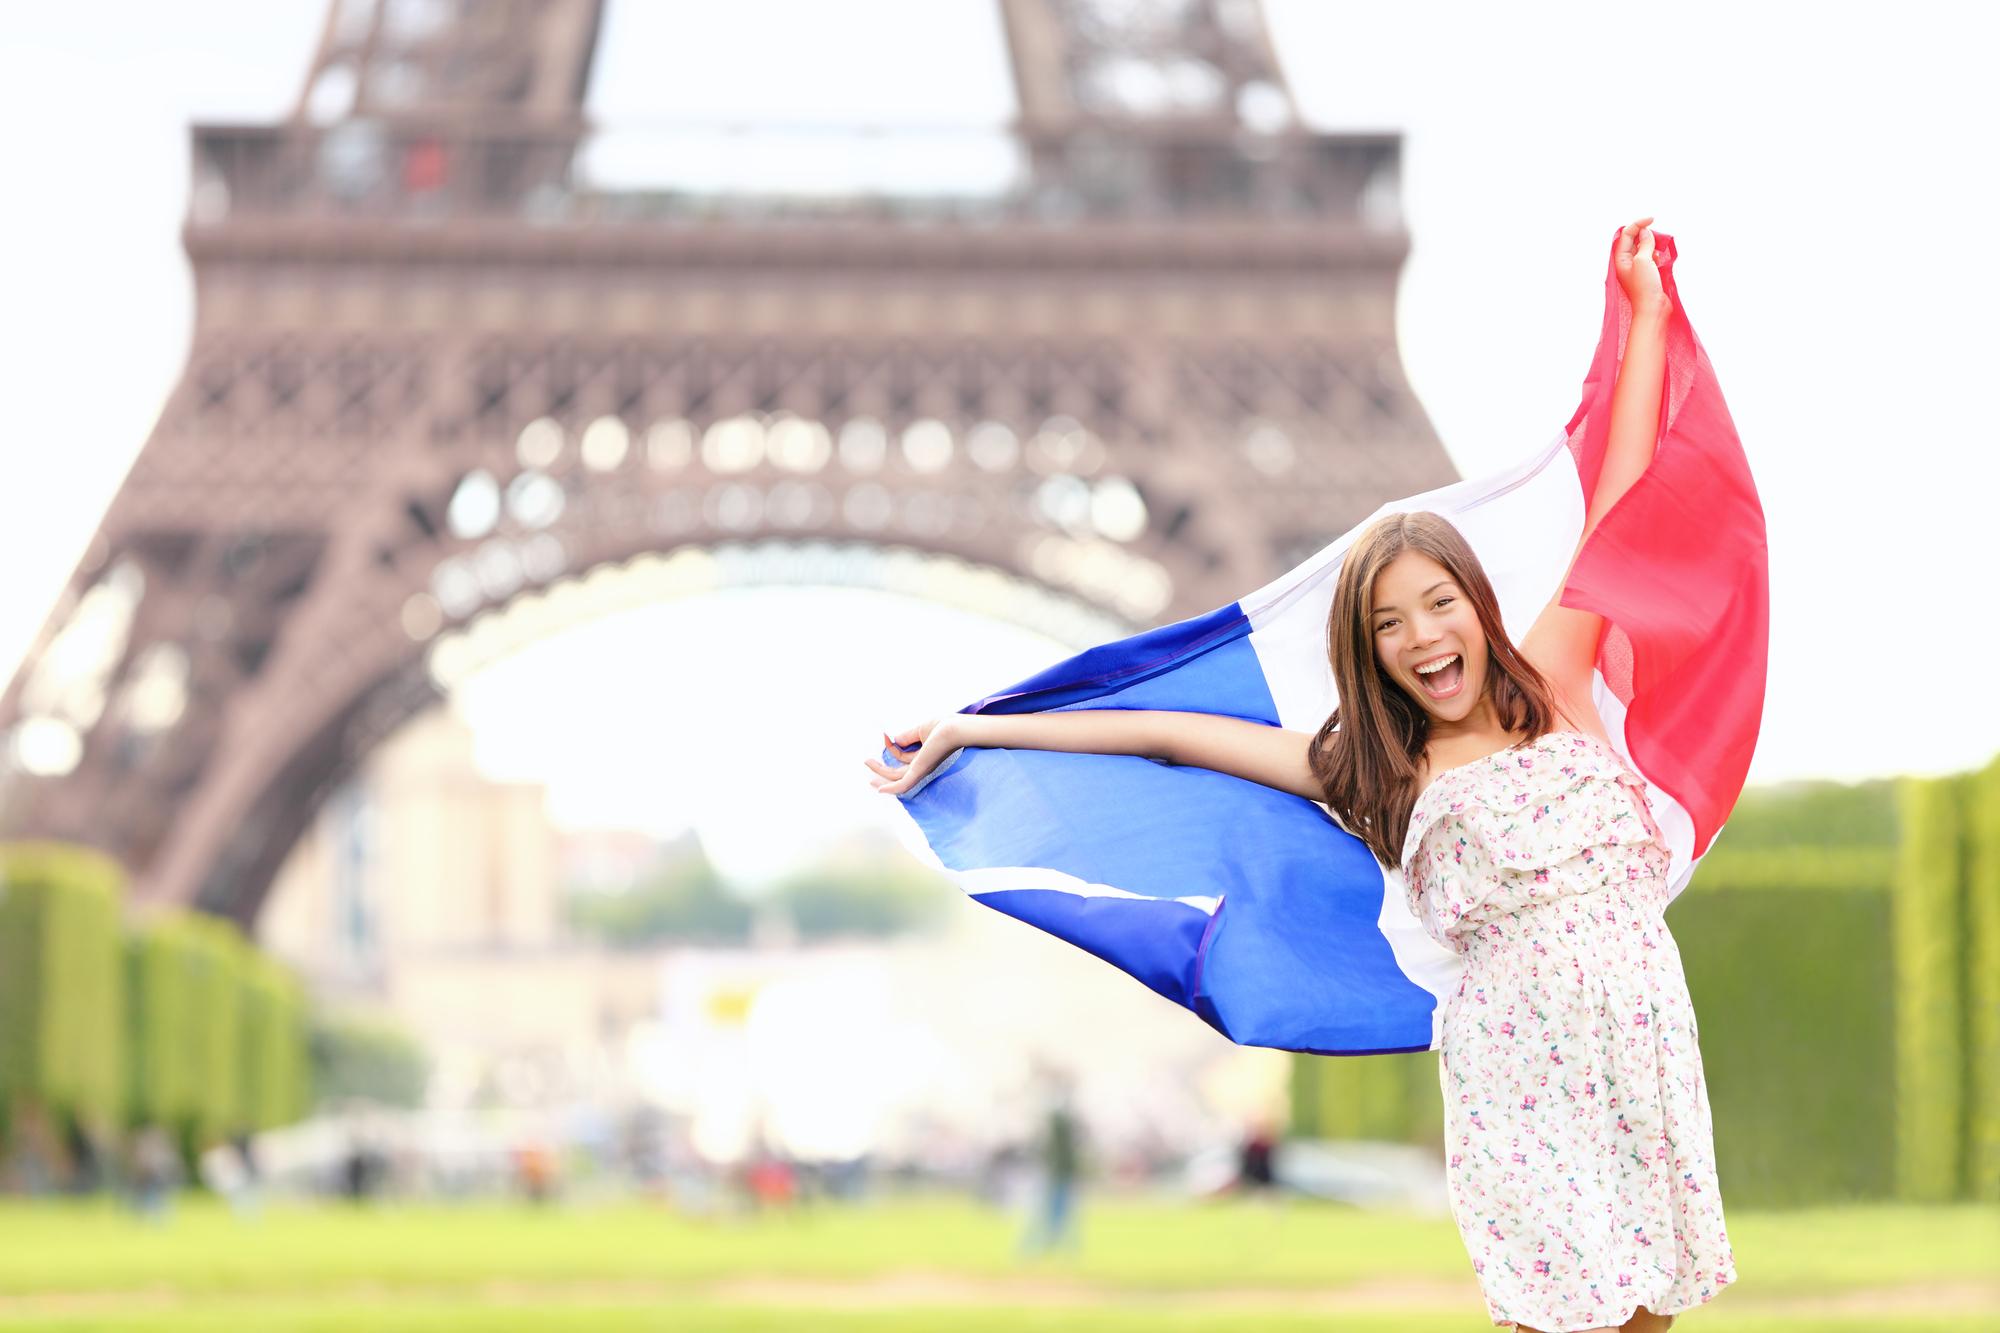 Le coronavirus en France mais aussi ailleurs, explique que l'Hexagone fera le plein cet été des vacanciers français /crédit DepositPhoto